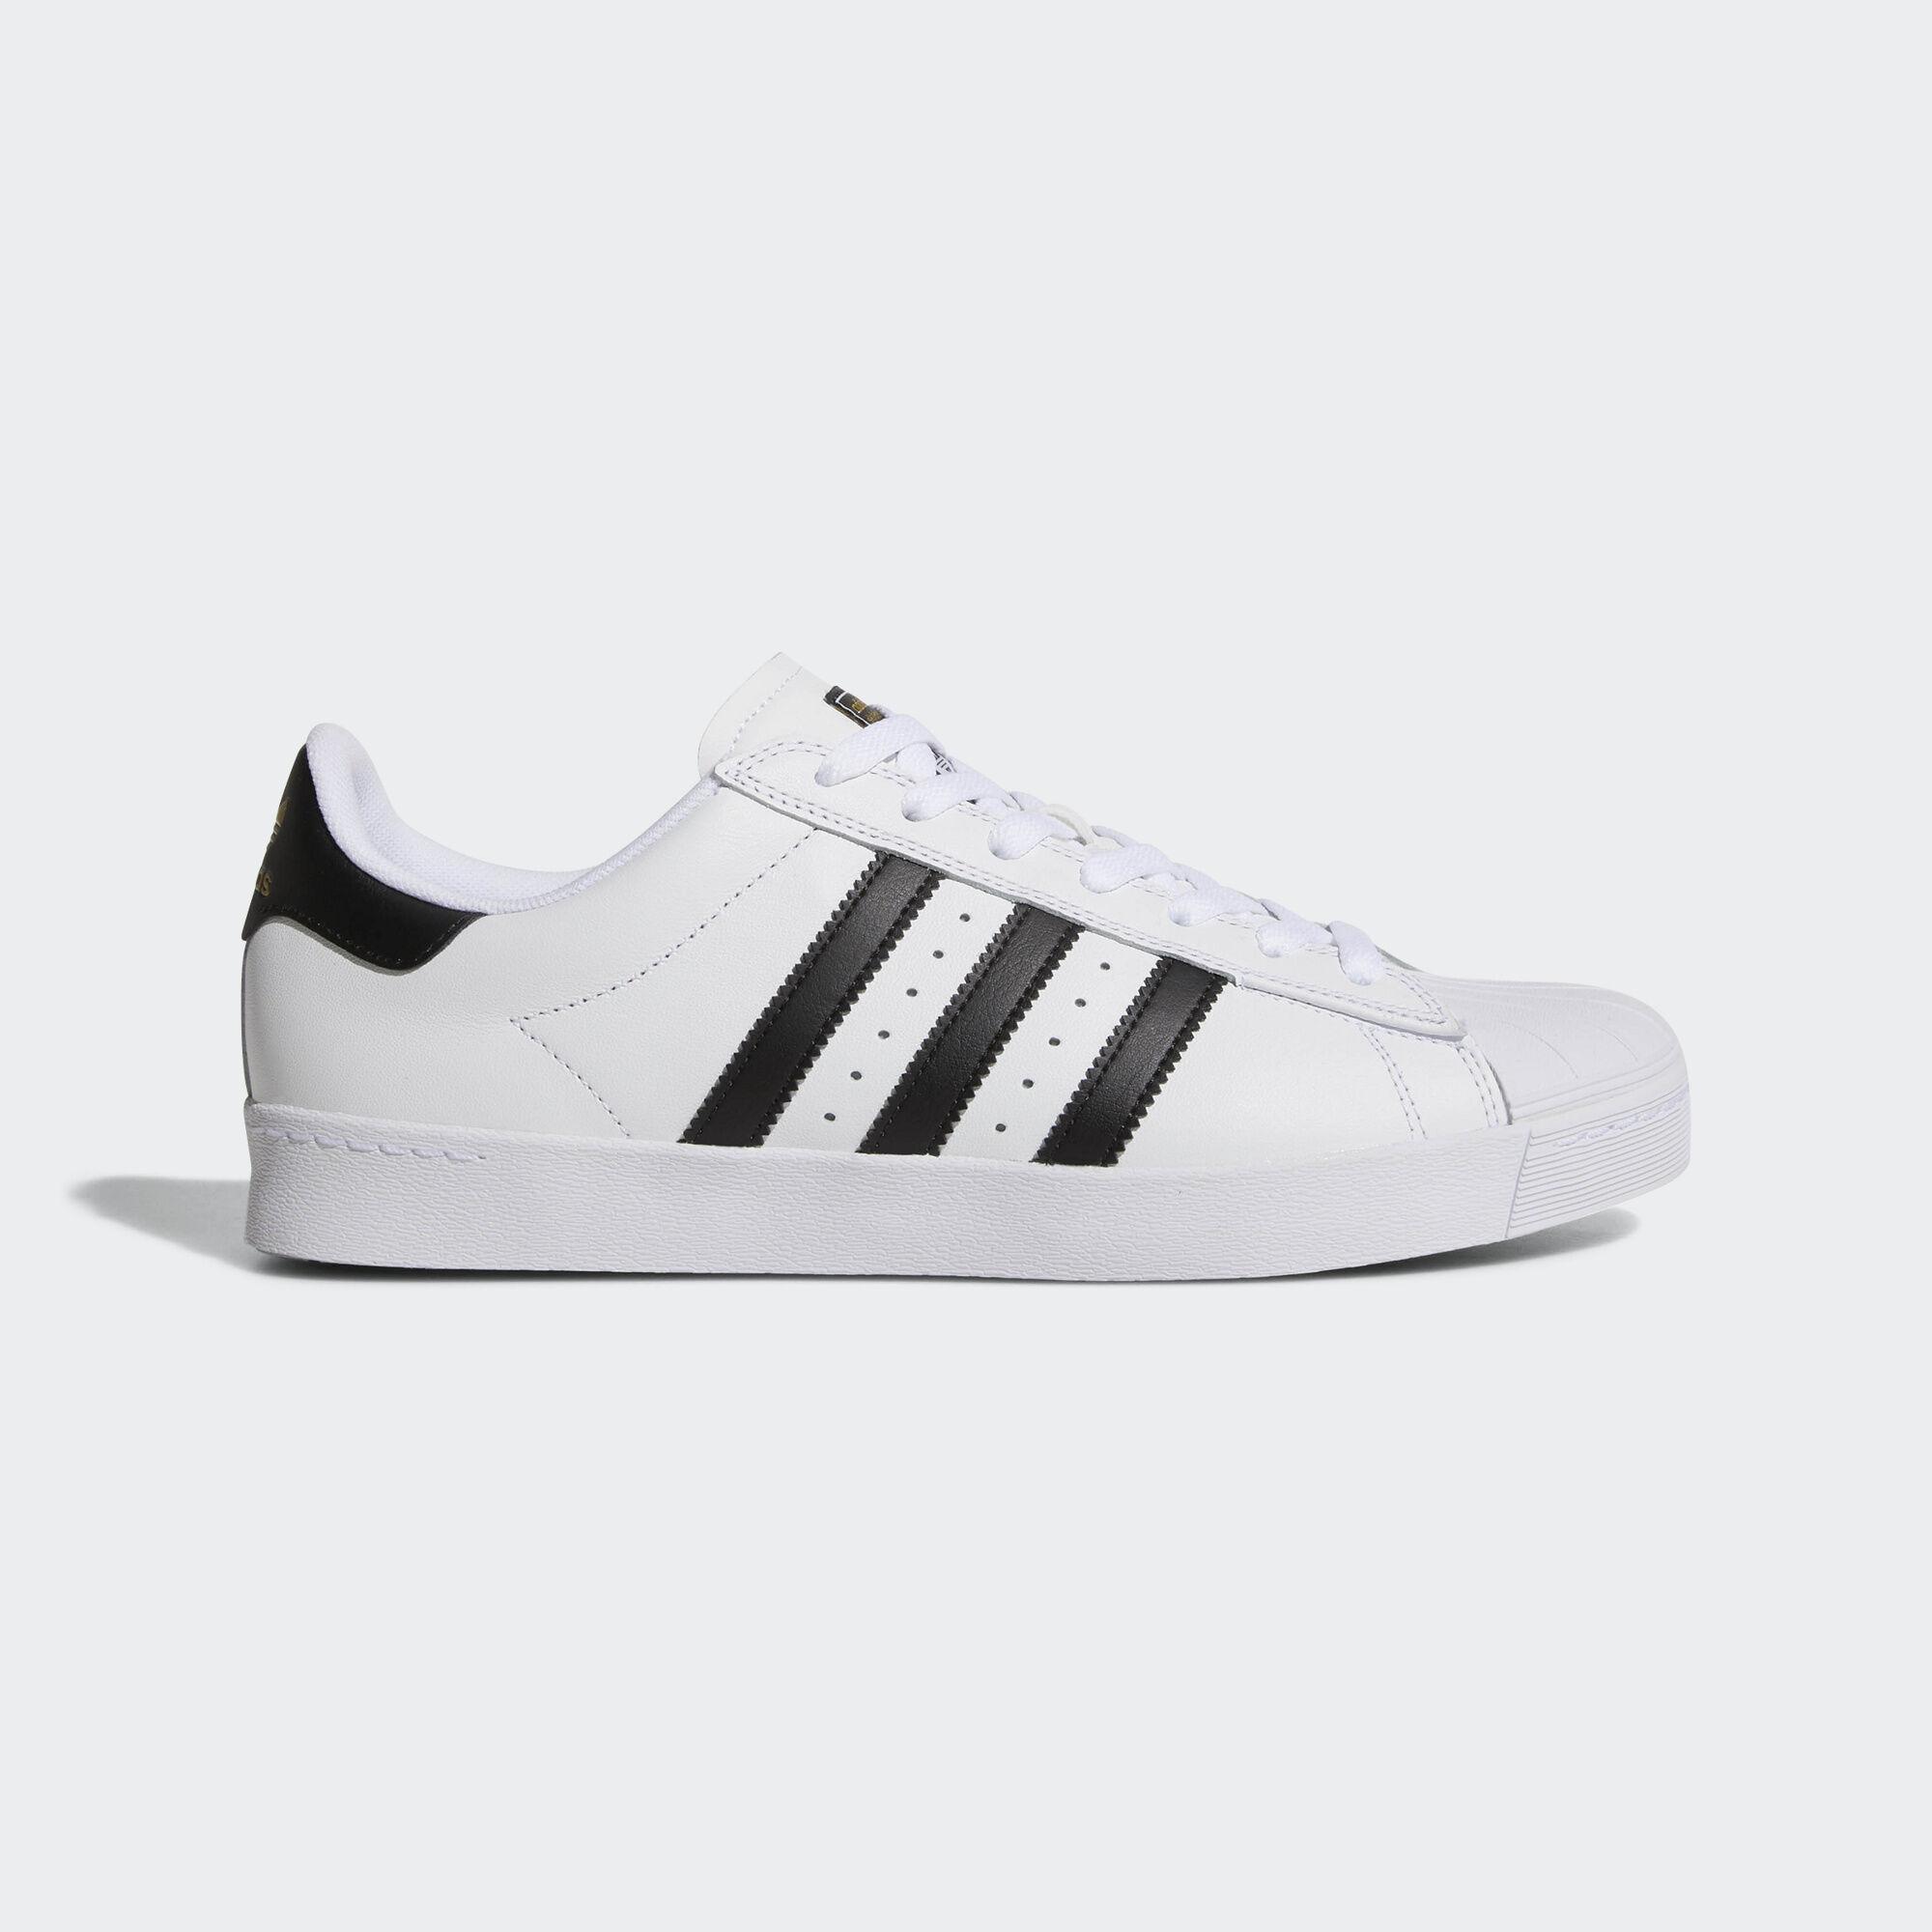 new styles 5424f f8be1 zapatos adidas en punto fijo,Adidas Punto Fijo Originals cremallera zapatos  de los hombres de Brown